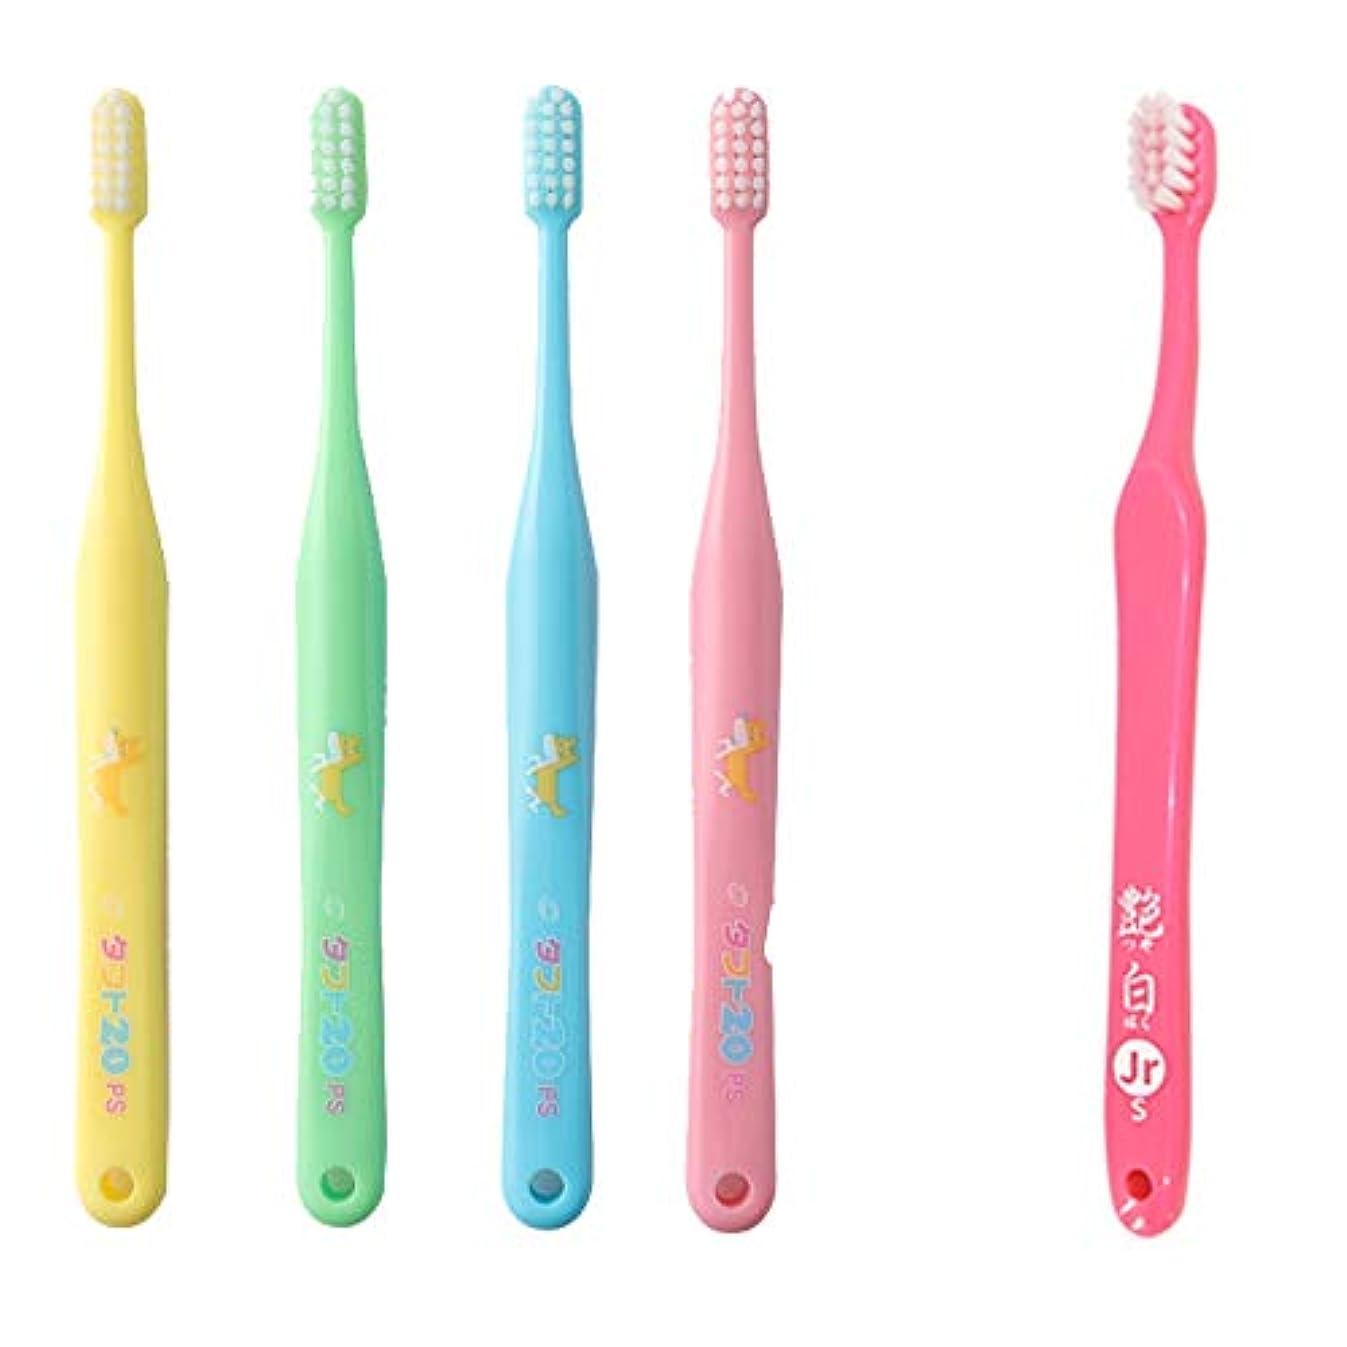 発症一貫したワークショップタフト20(プレミアムソフト) 歯ブラシ25本 + 艶白6歳~12歳用(S)1本